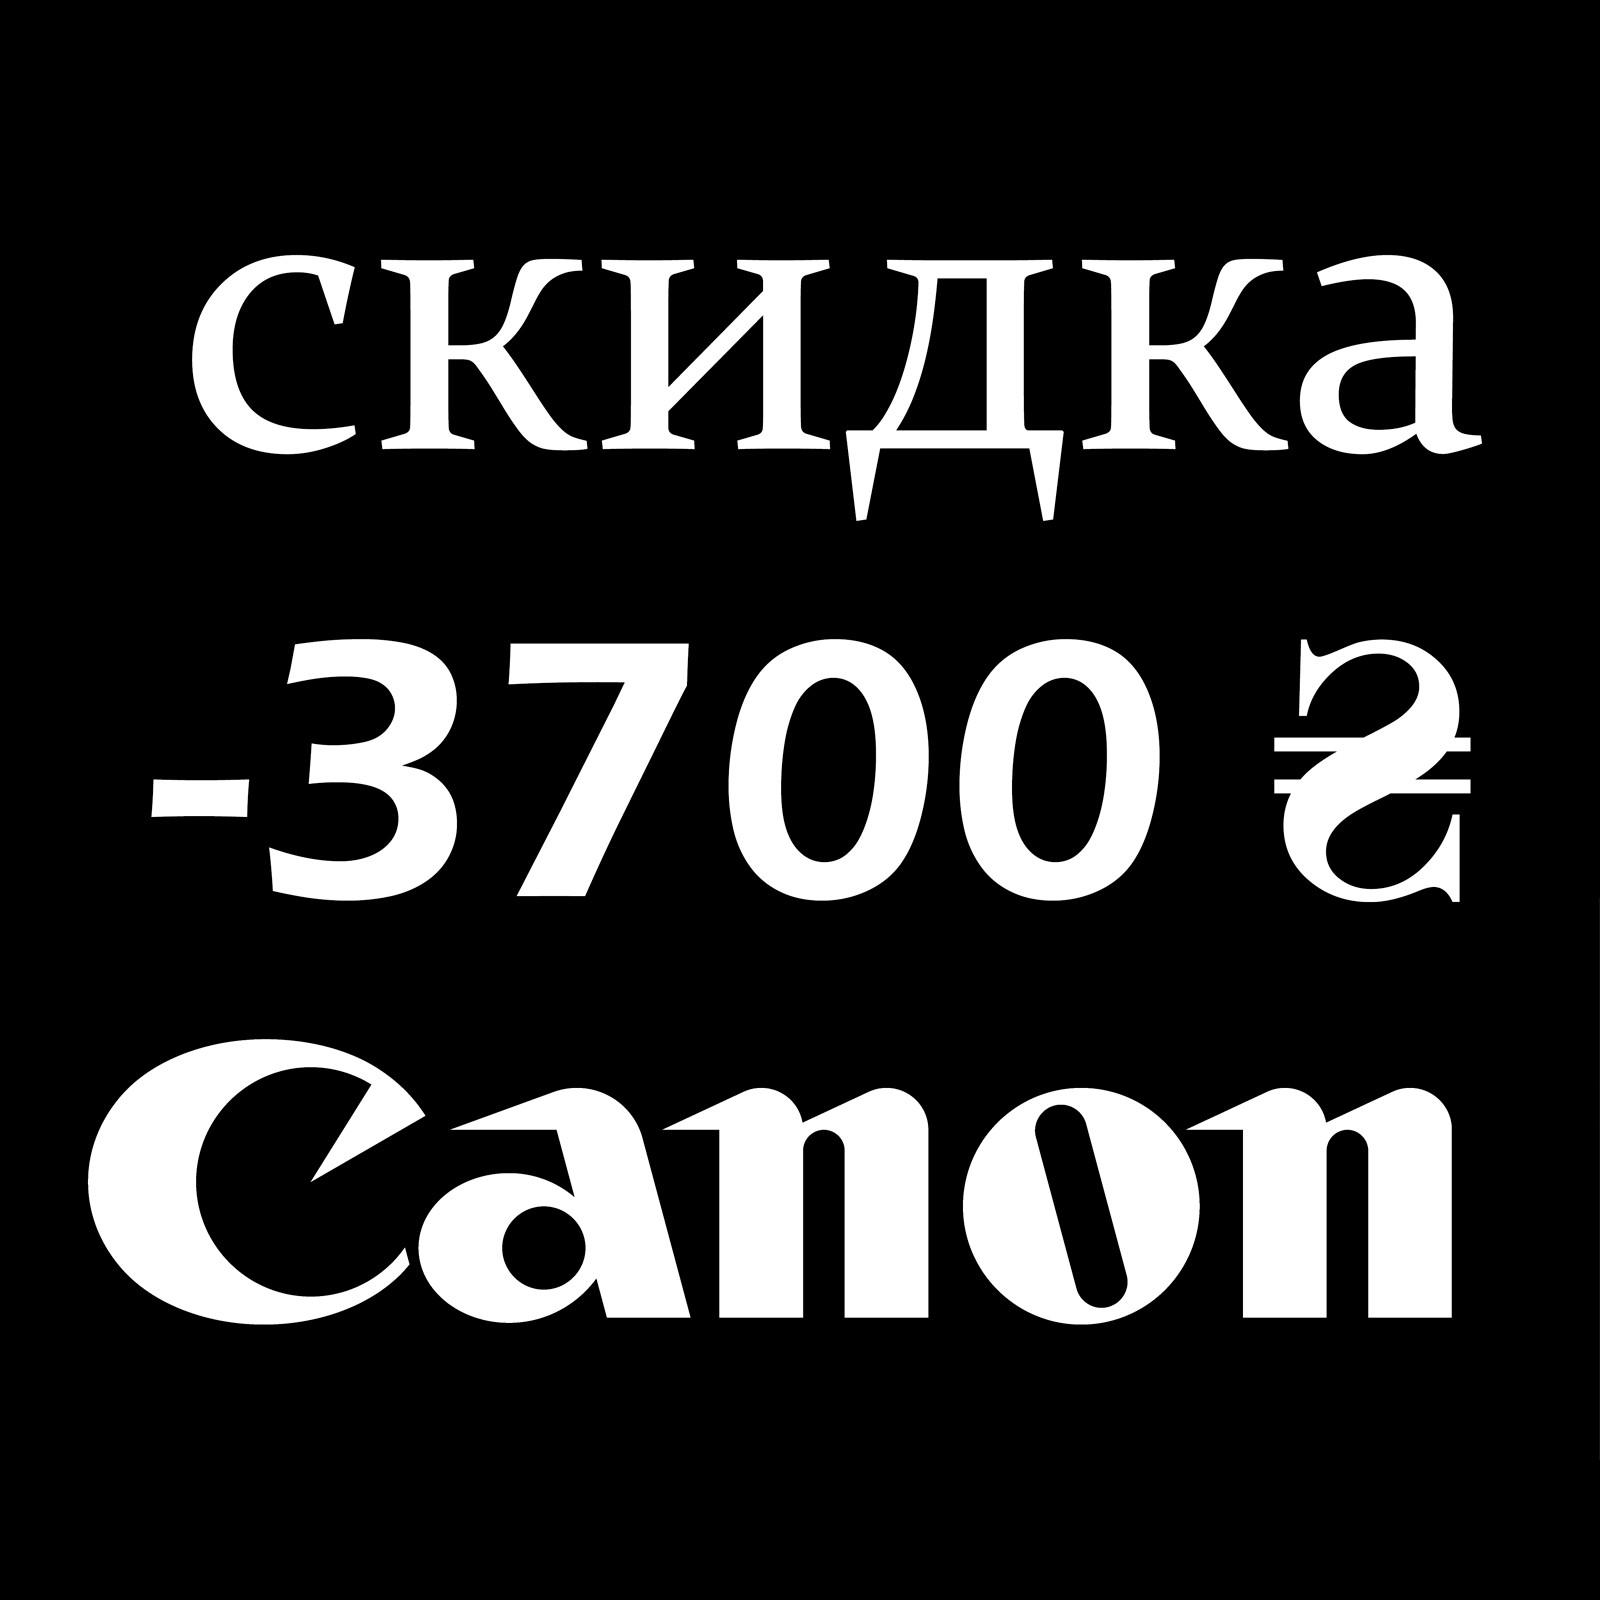 Сертифика скидка Canon -3700